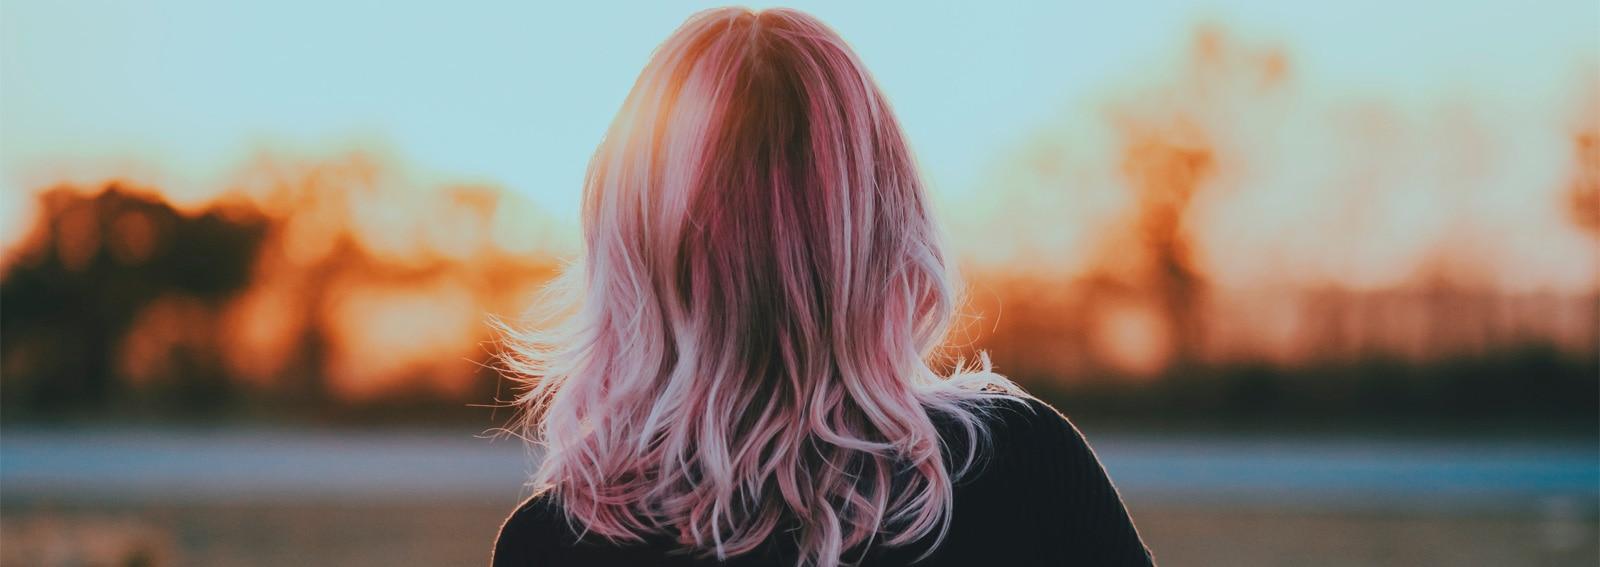 capelli-color-fragola-tinta-strawberry-autunno-inverno-2019-2020-cover-desktop-01